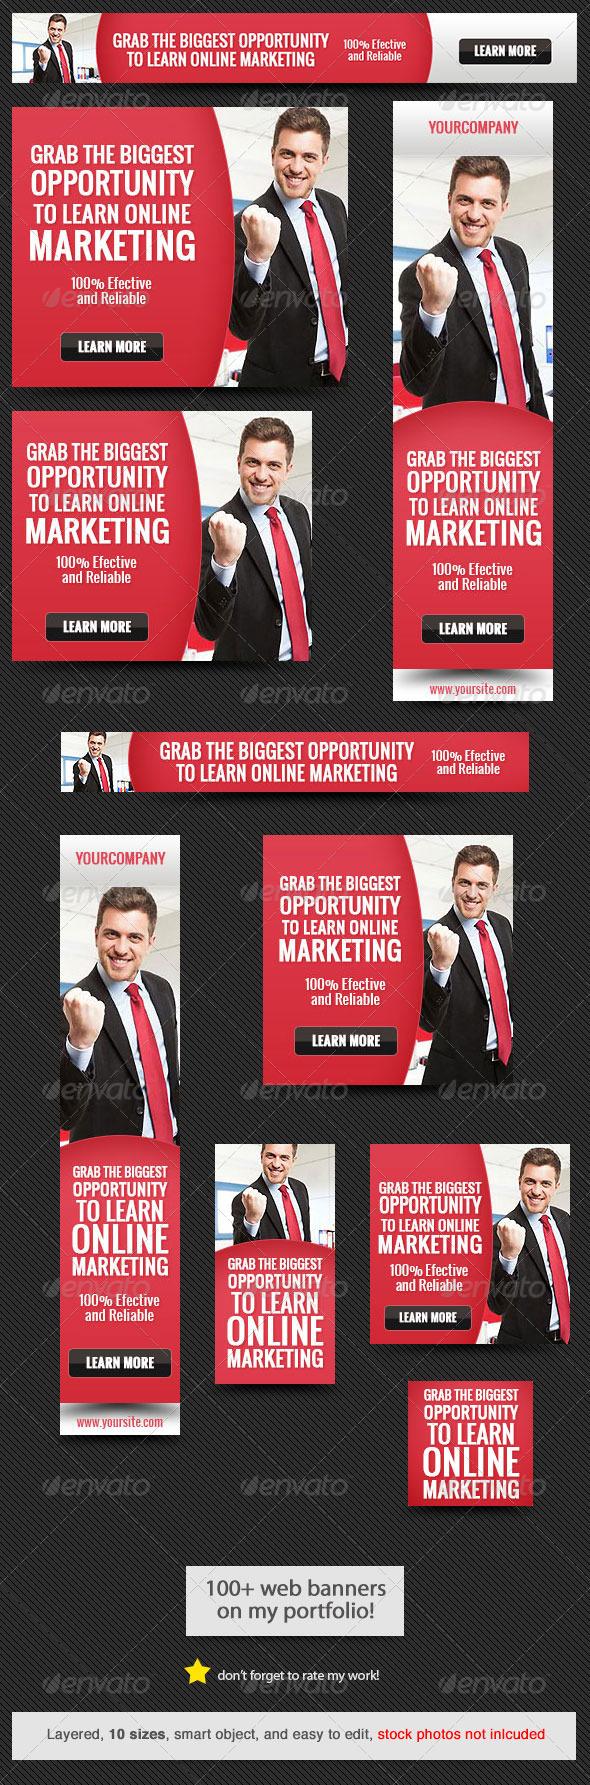 GraphicRiver Corporate Web Banner Design Template 38 7761768